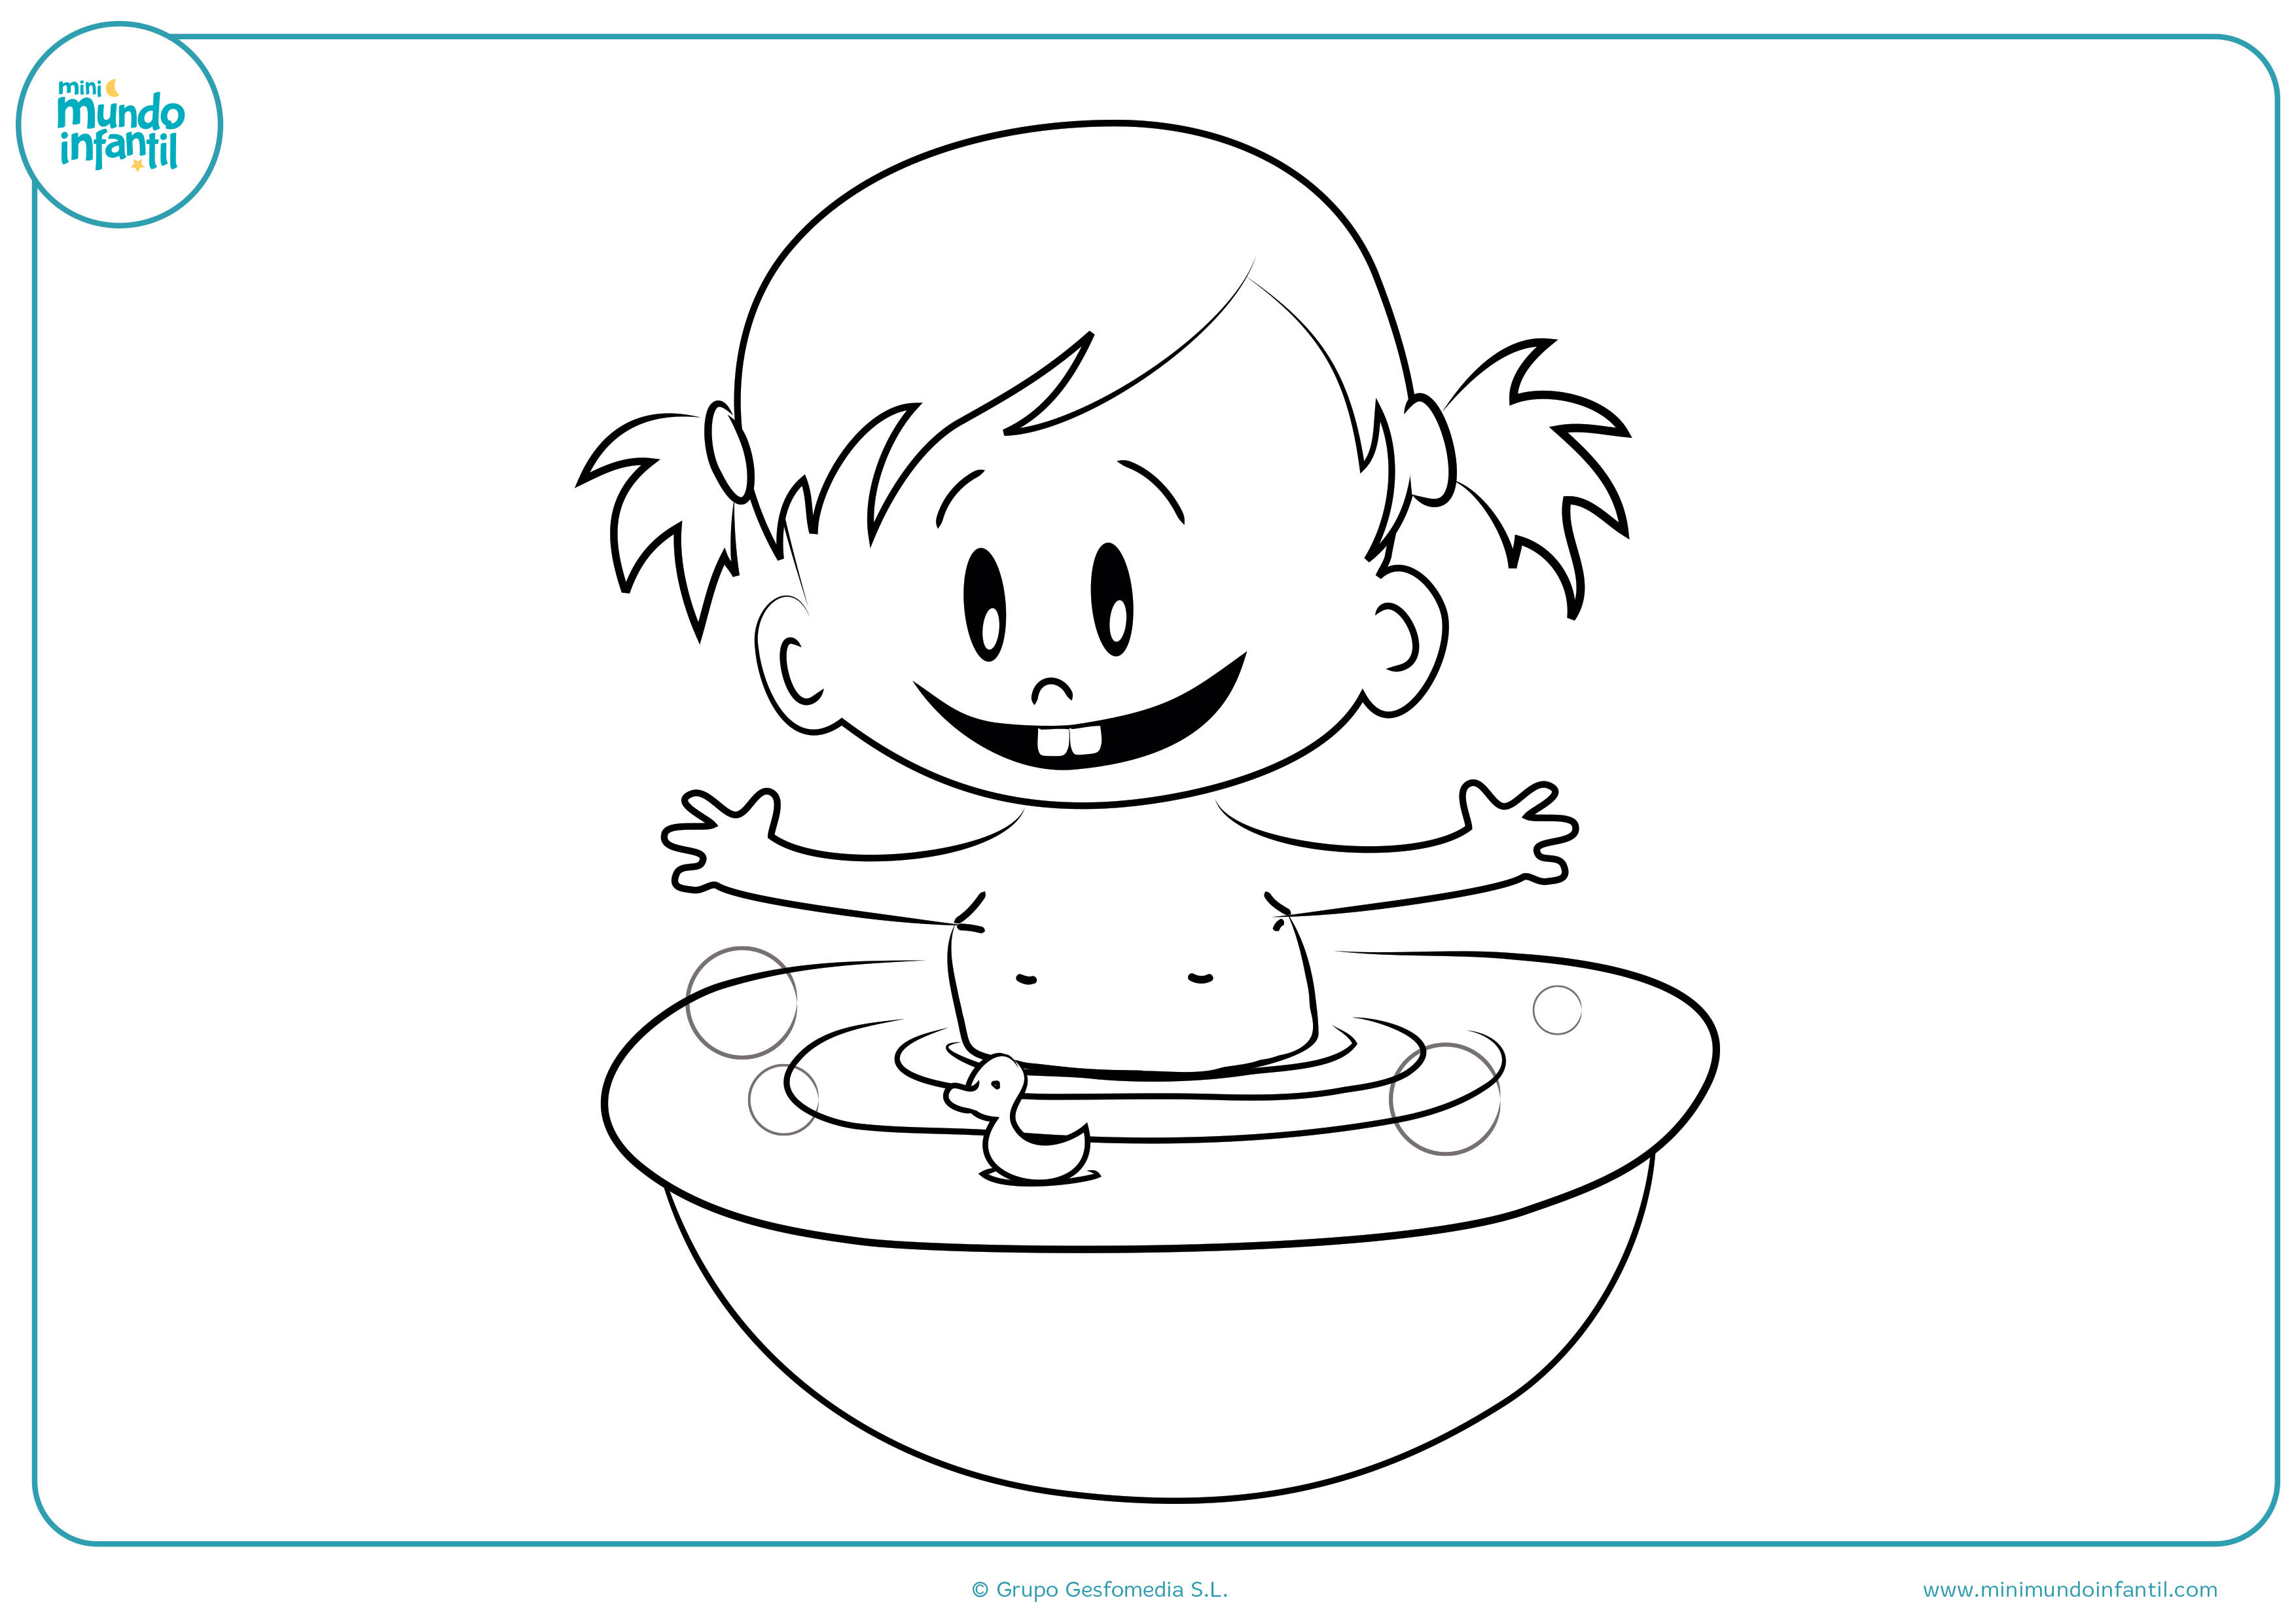 Descargar dibujos niñas niños colorear gratis